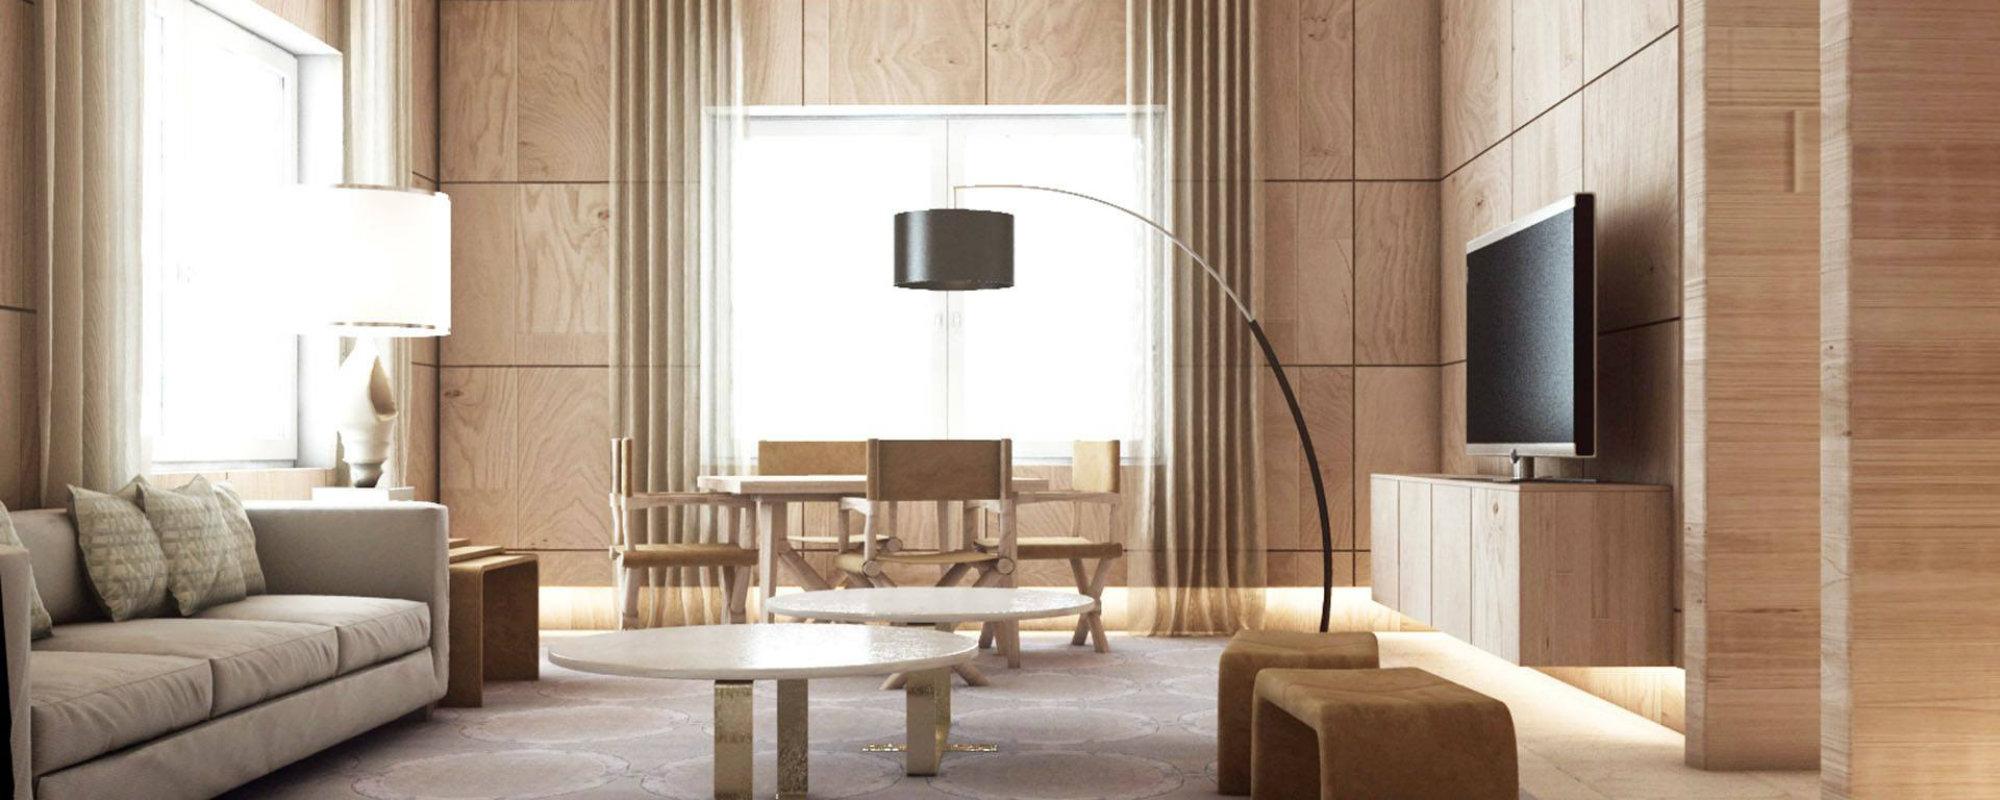 Estudio Caramba: Un concepto nuevo de Interiorismo lujuoso en Madrid estudio caramba Estudio Caramba: Un concepto nuevo de Interiorismo lujuoso en Madrid Featured 7